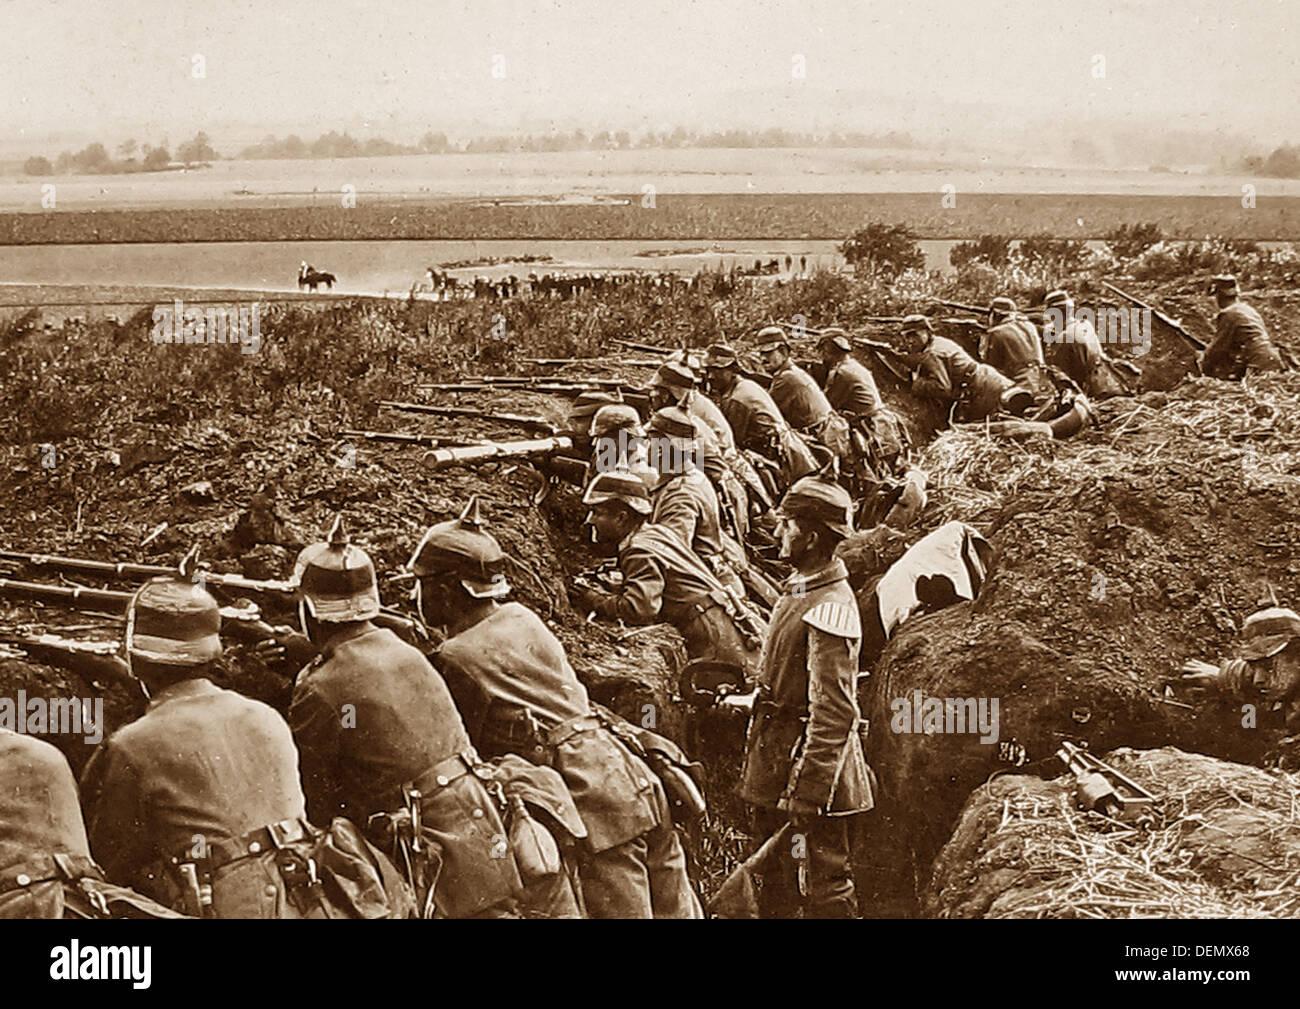 La fanteria tedesca in una trincea durante il WW1 Immagini Stock